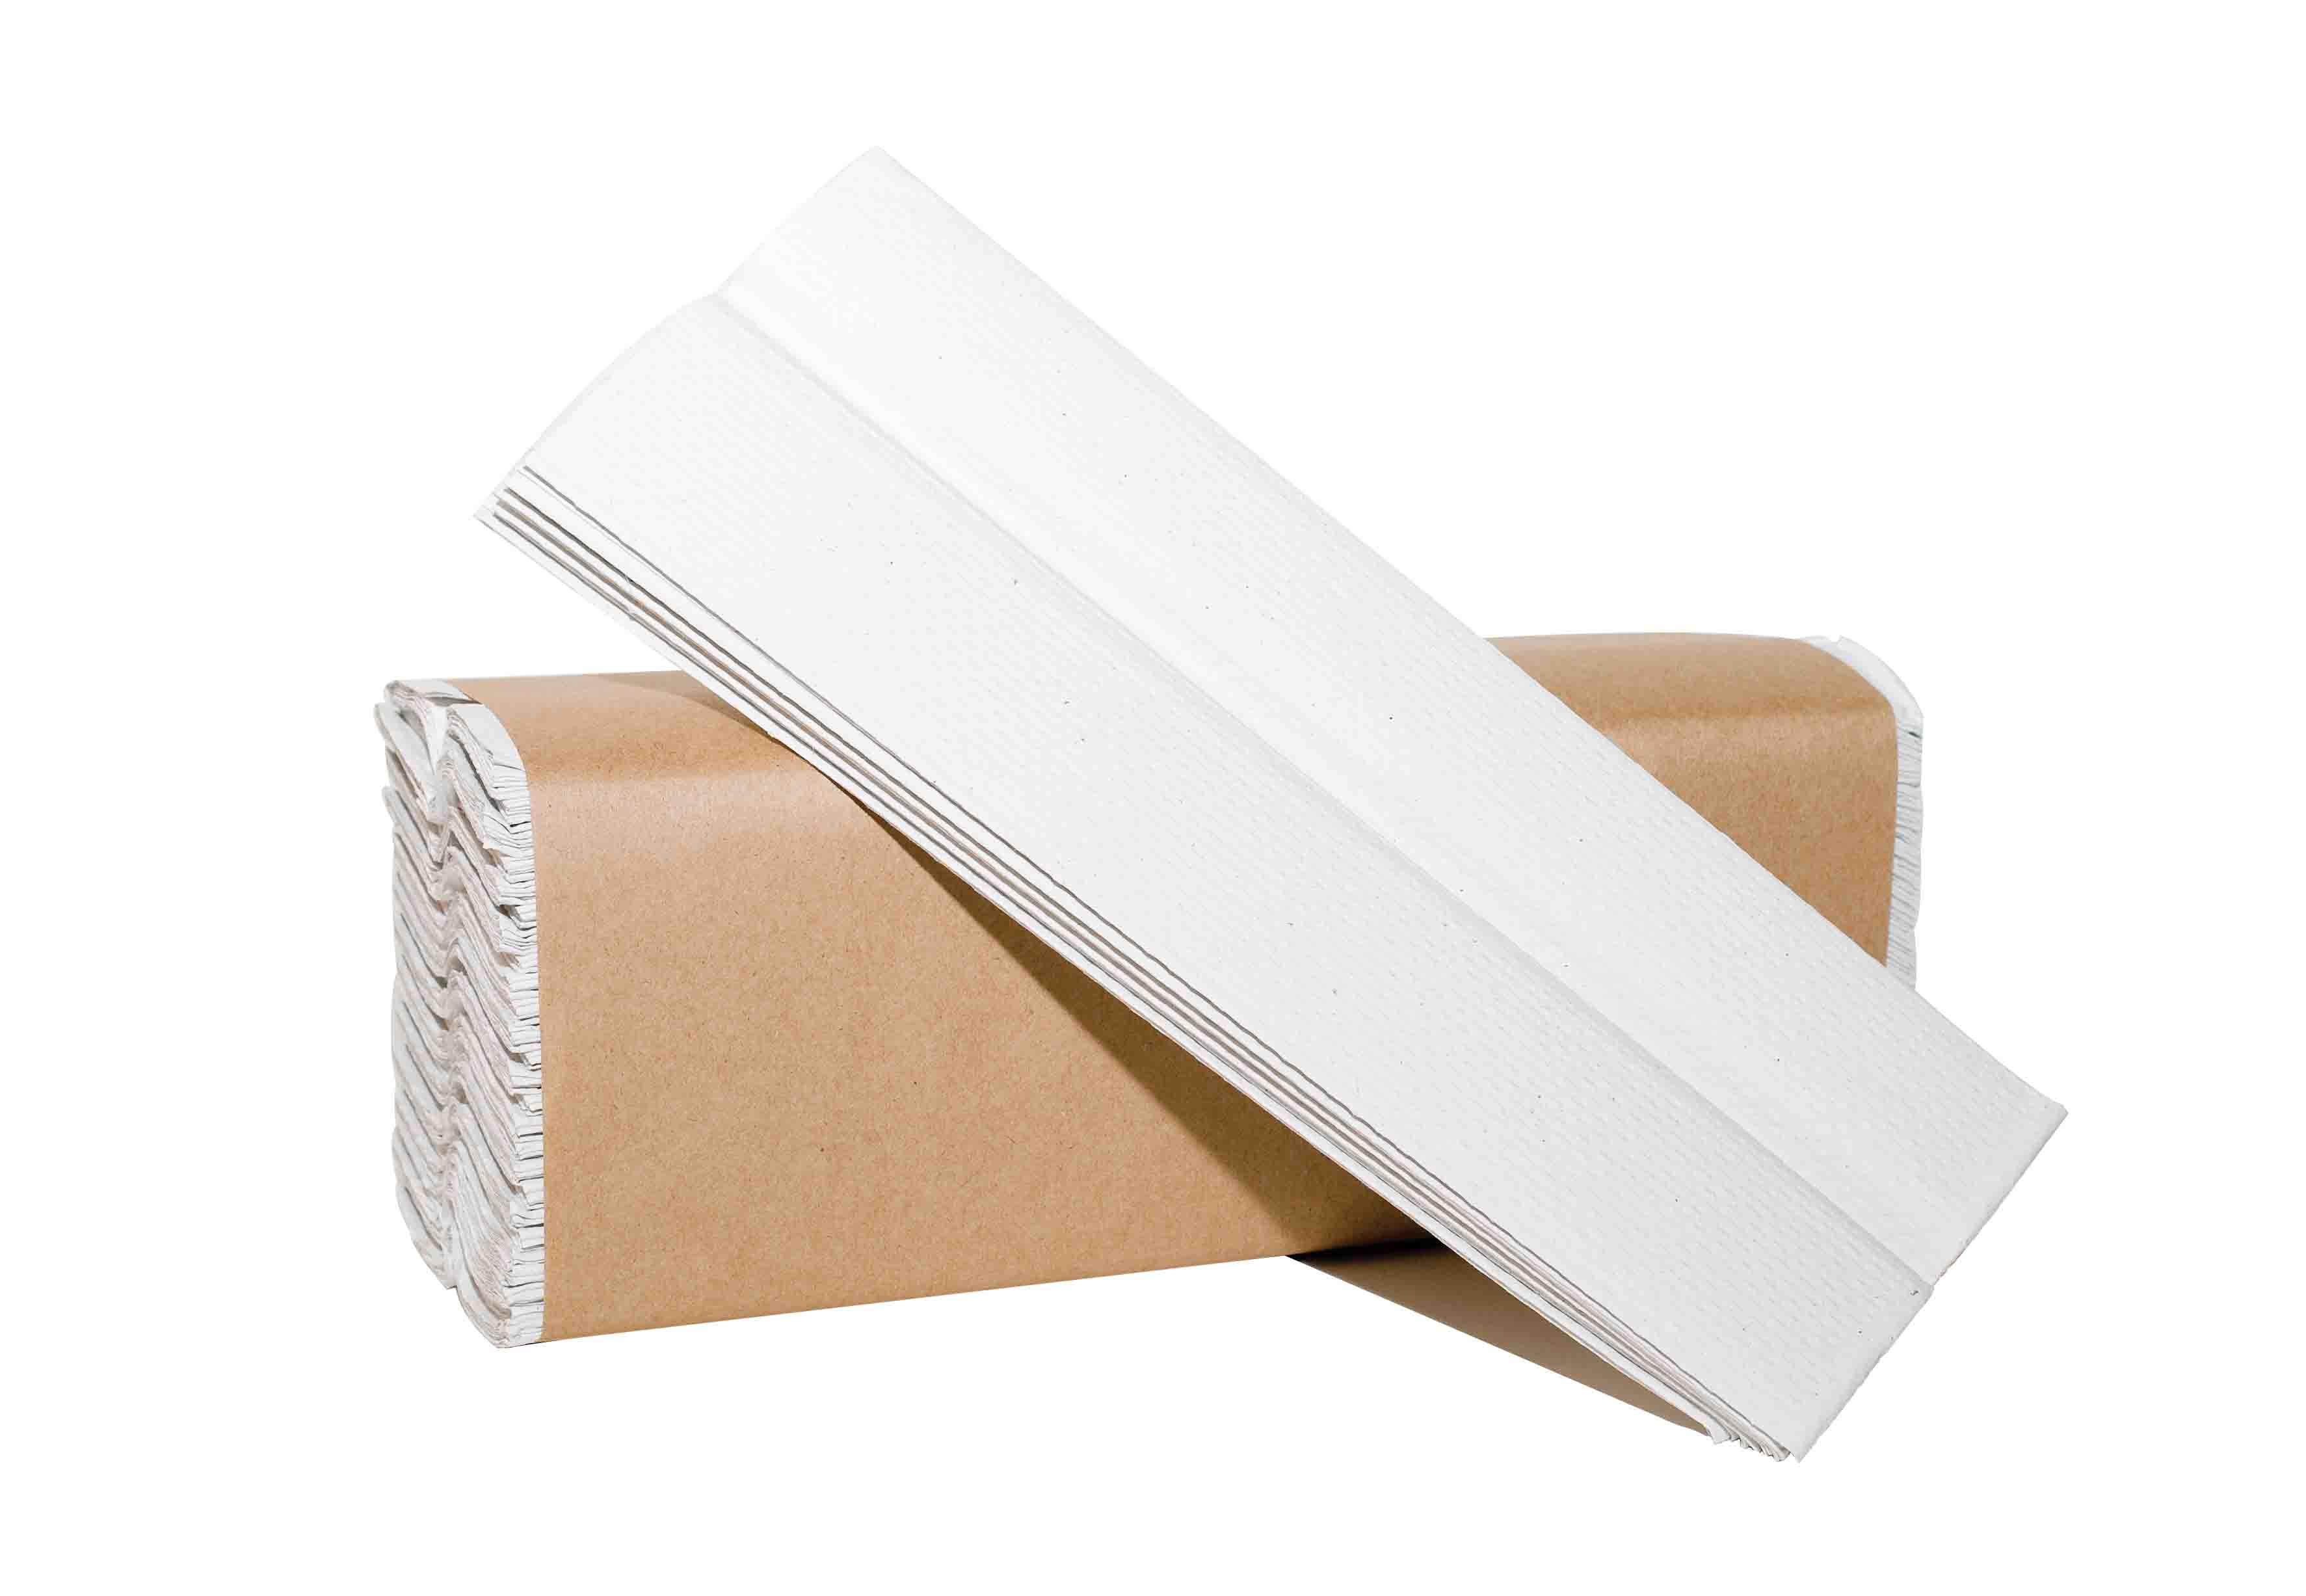 c fold paper towel. Black Bedroom Furniture Sets. Home Design Ideas